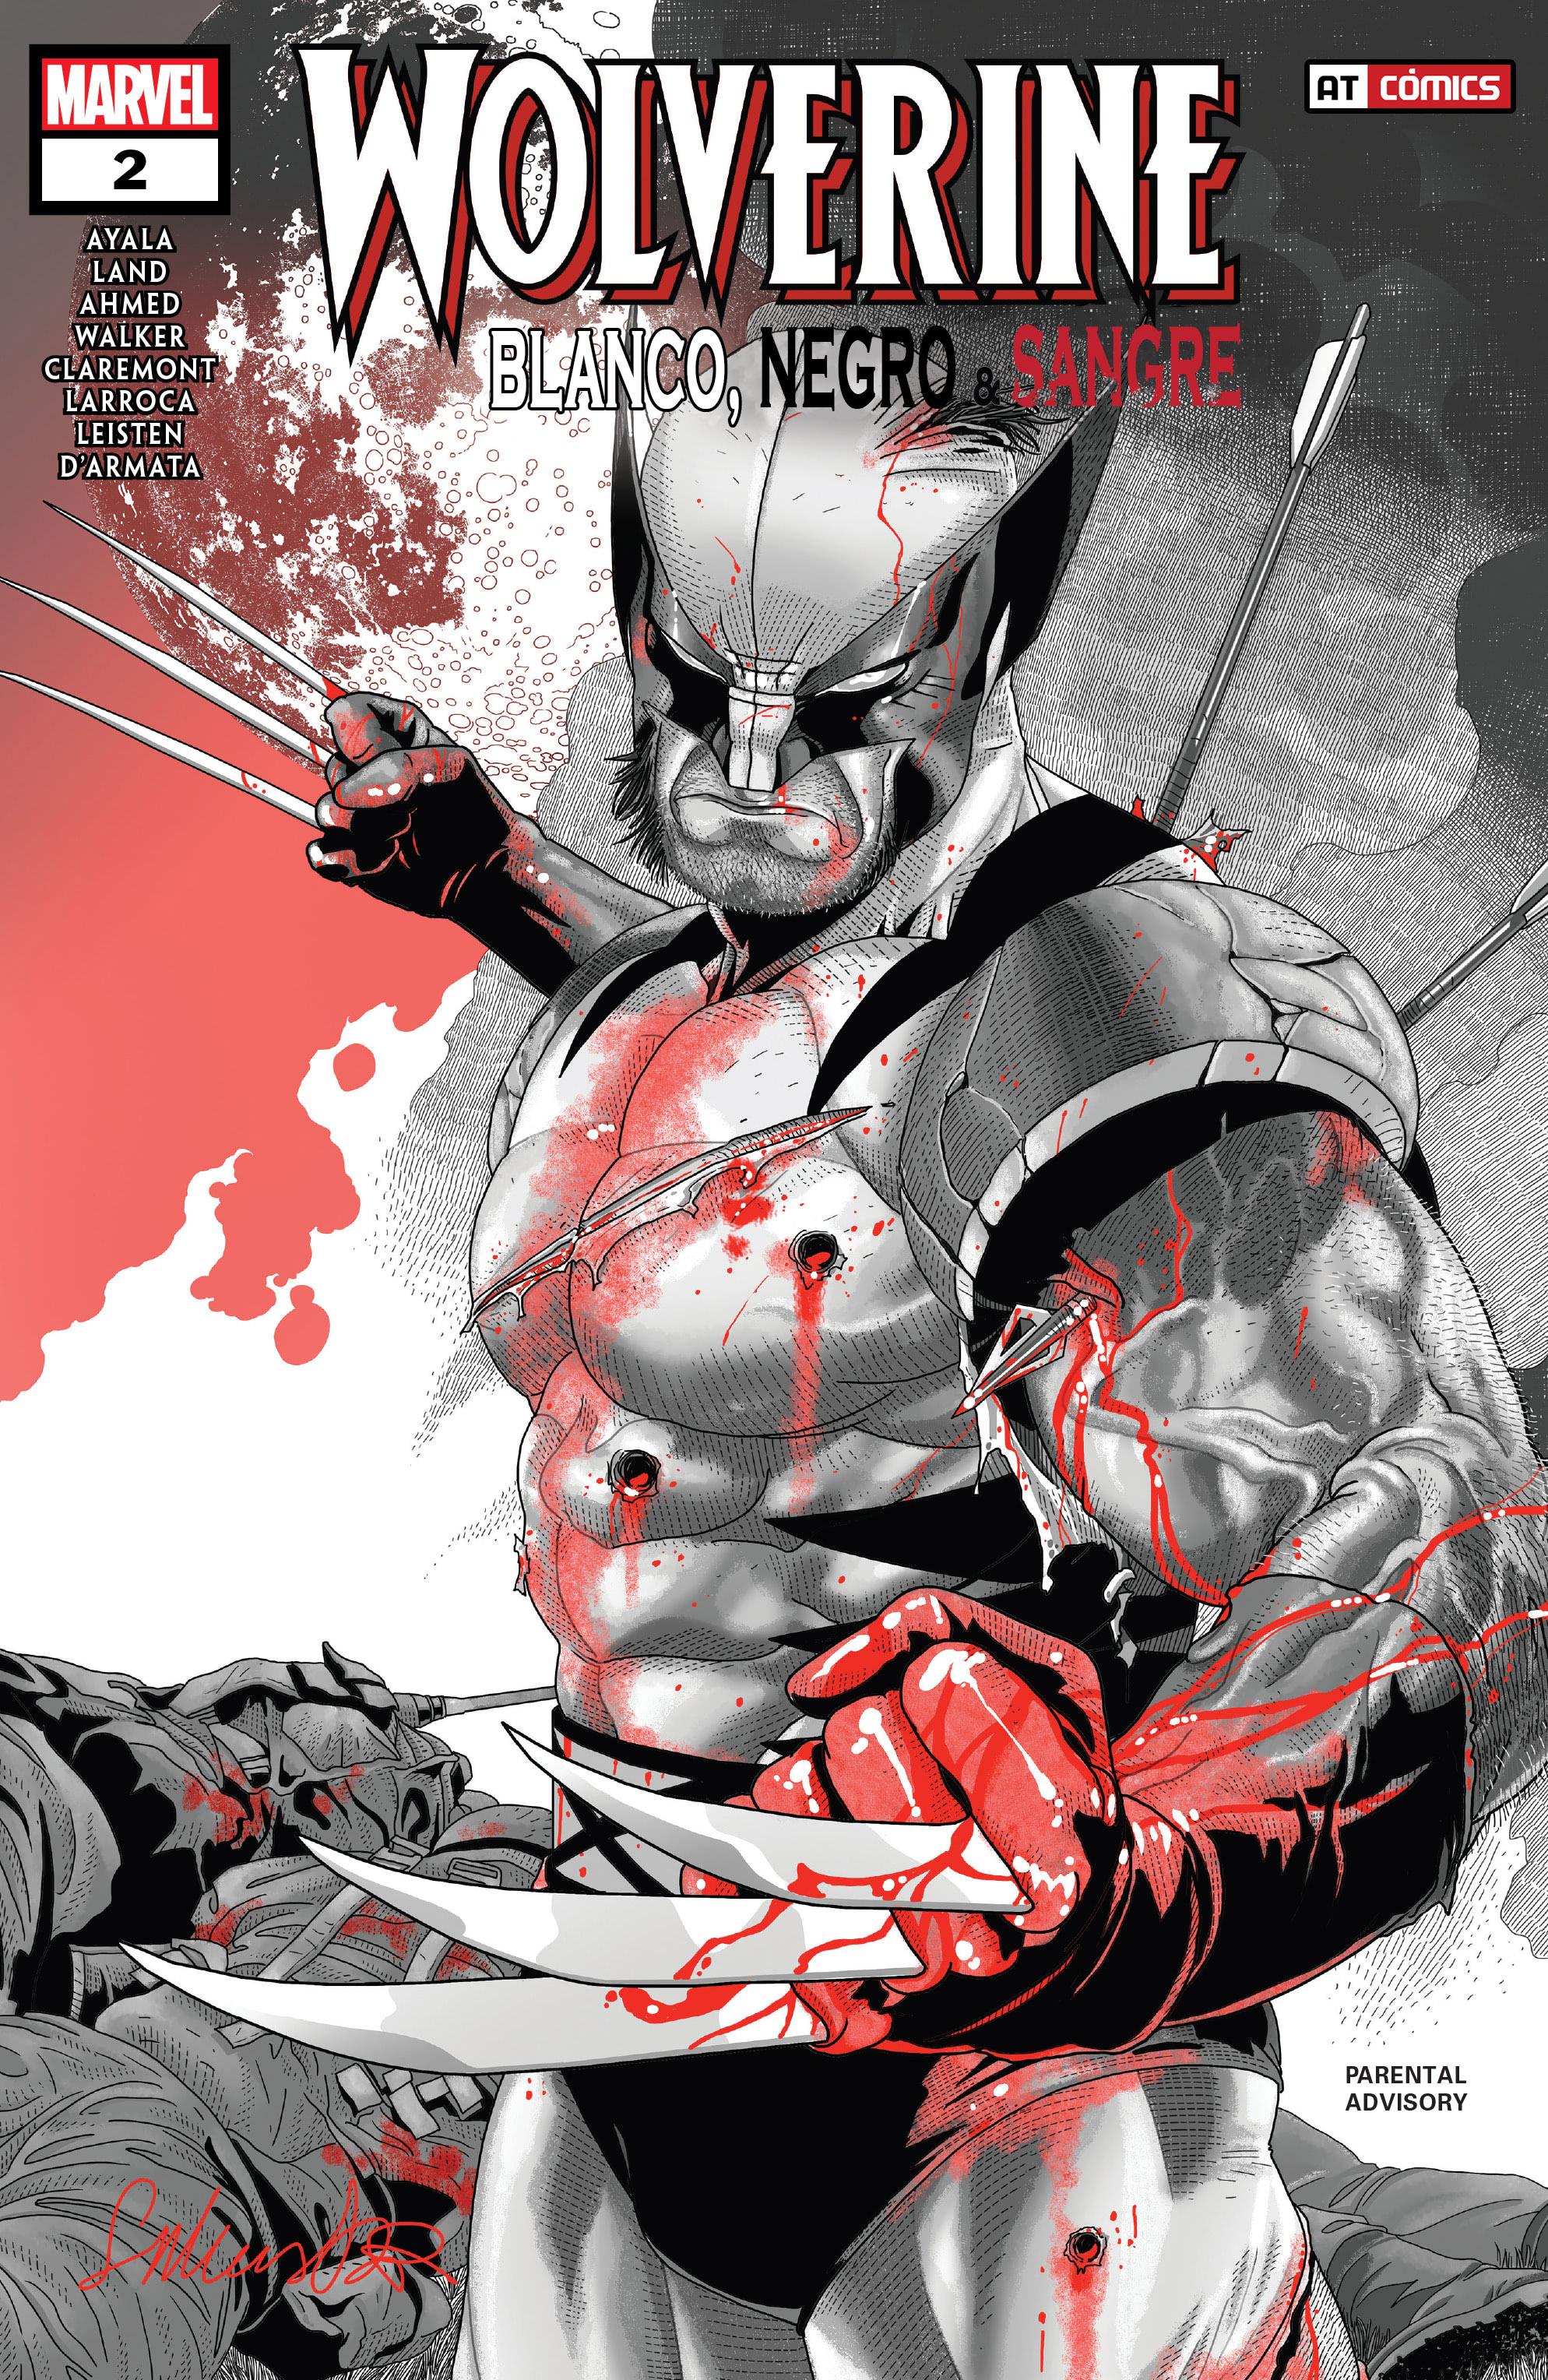 Wolverine - Blanco, Negro & Sangre (2020) 02 (of 04)-000 [AT-Forajidos].jpg